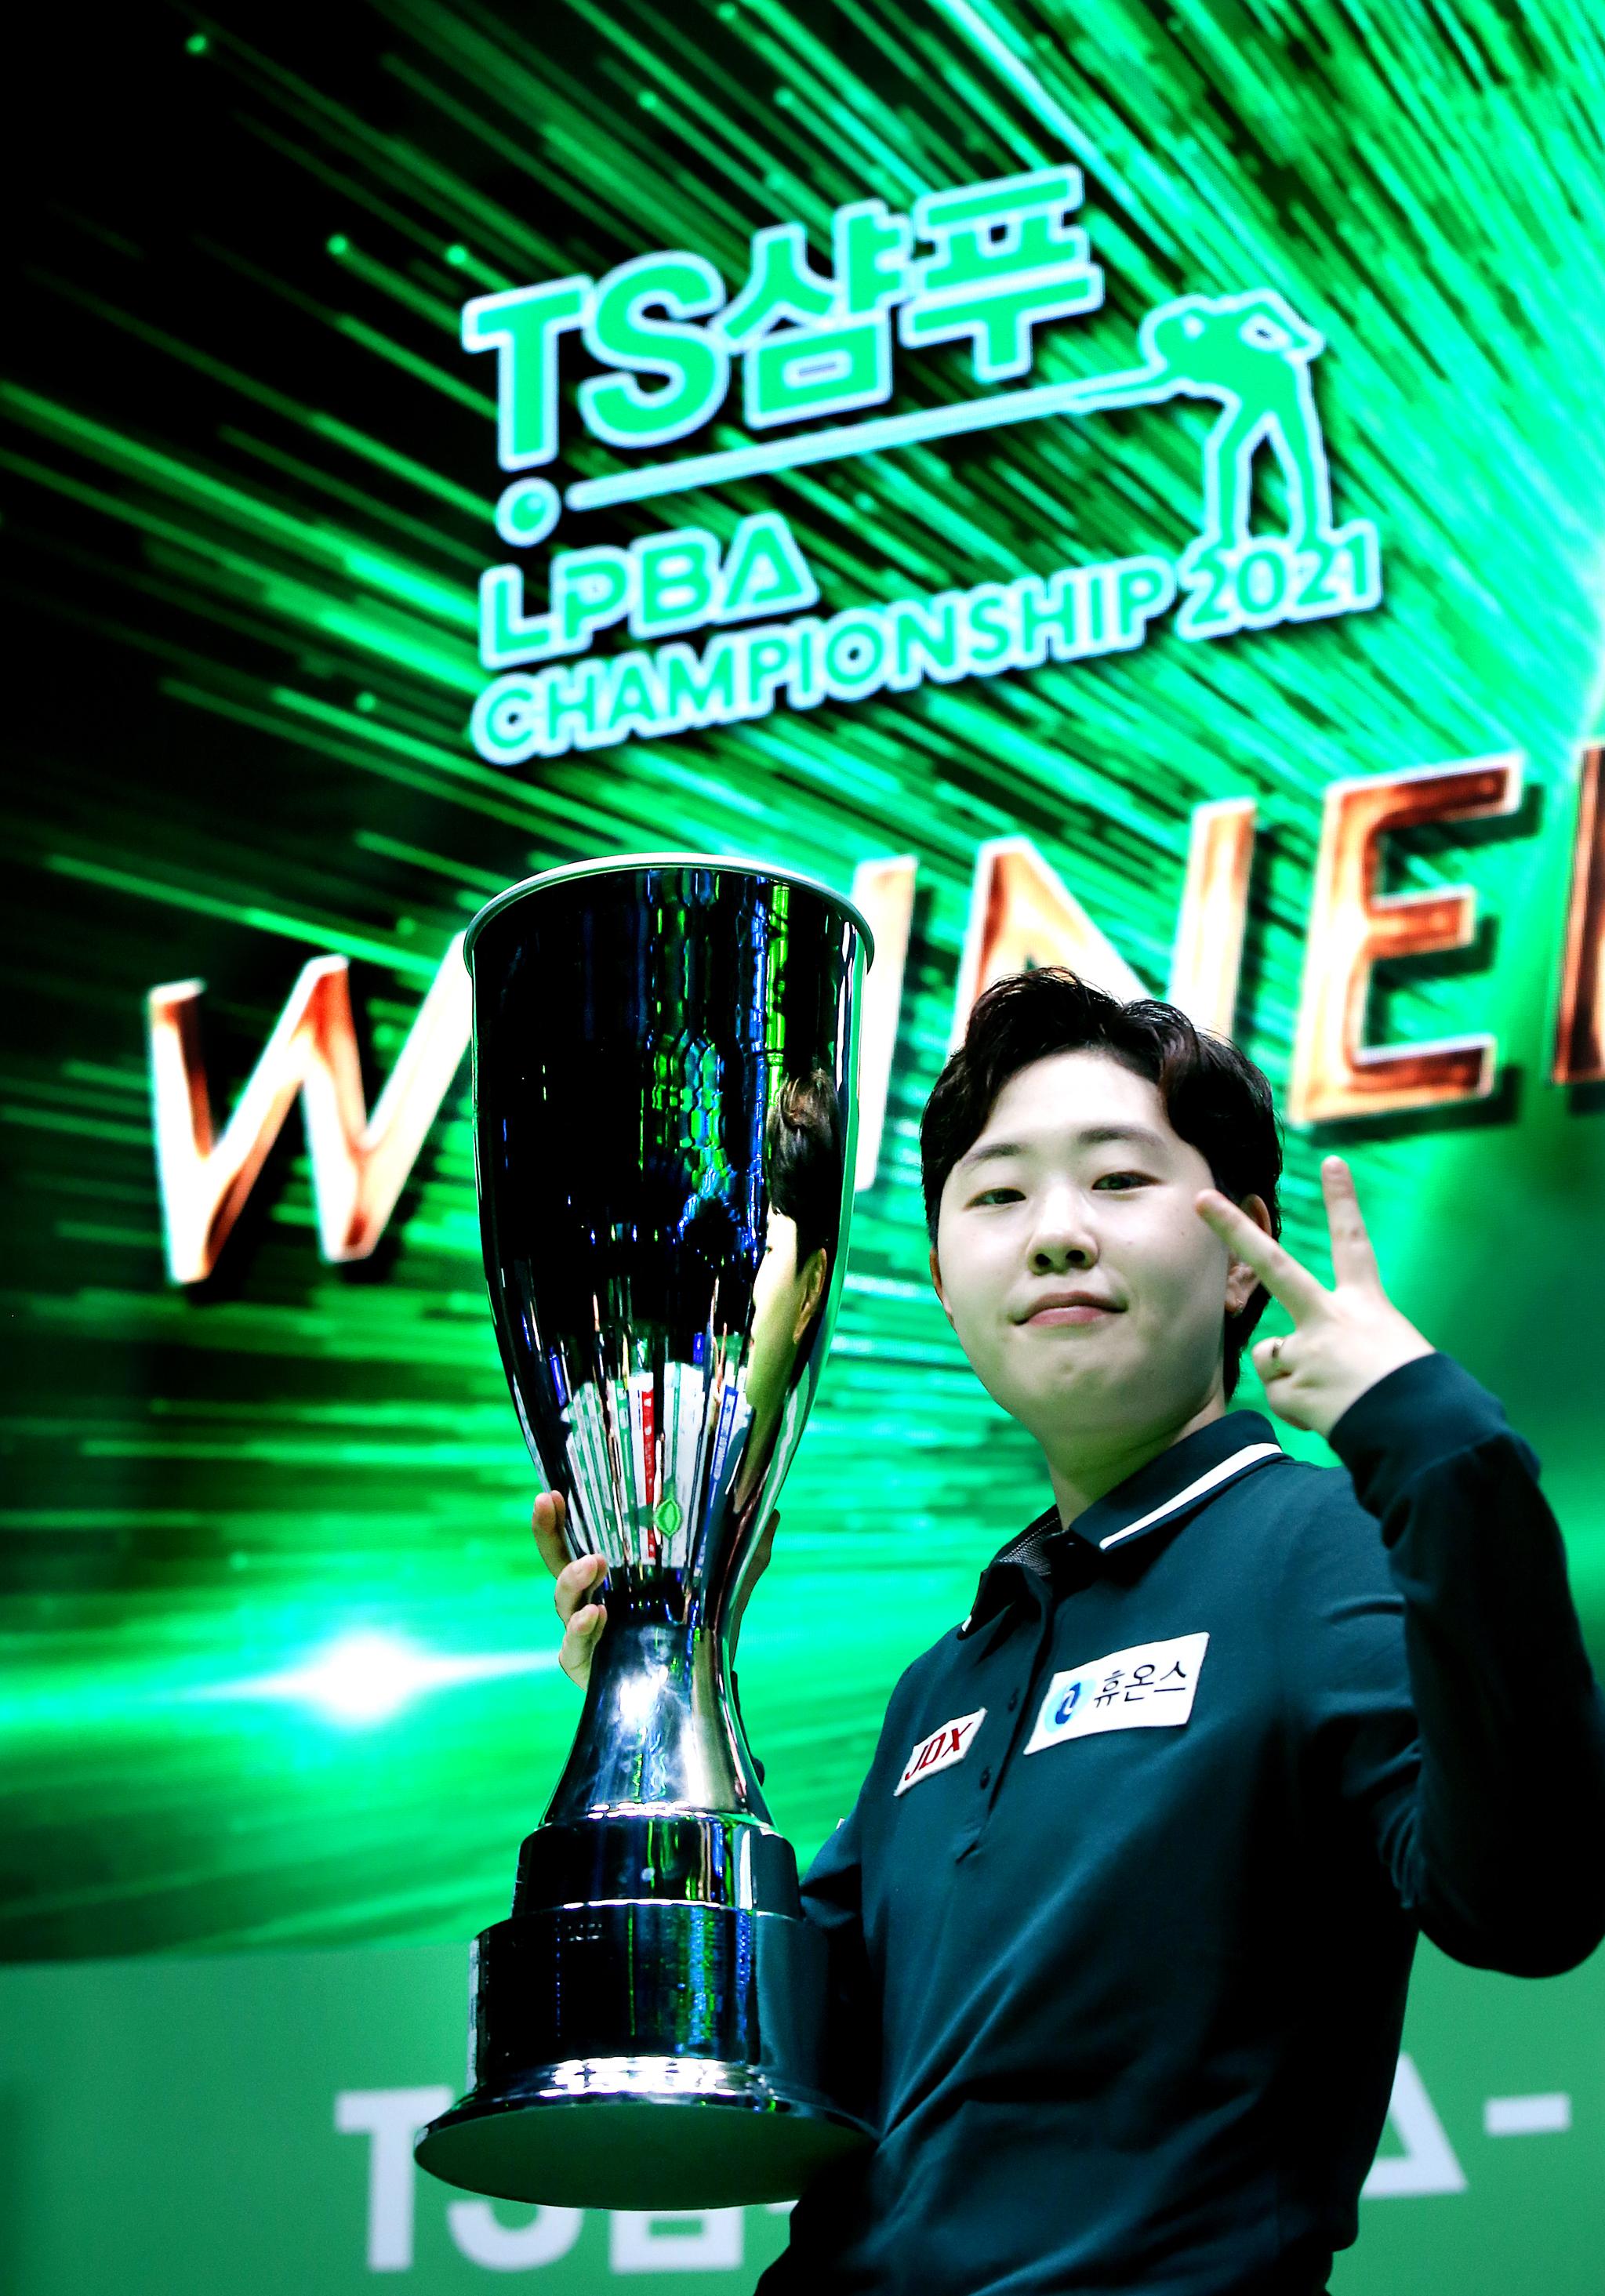 2년 연속 LPBA 추석대회 우승을 차지한 김세연. [사진 PBA]